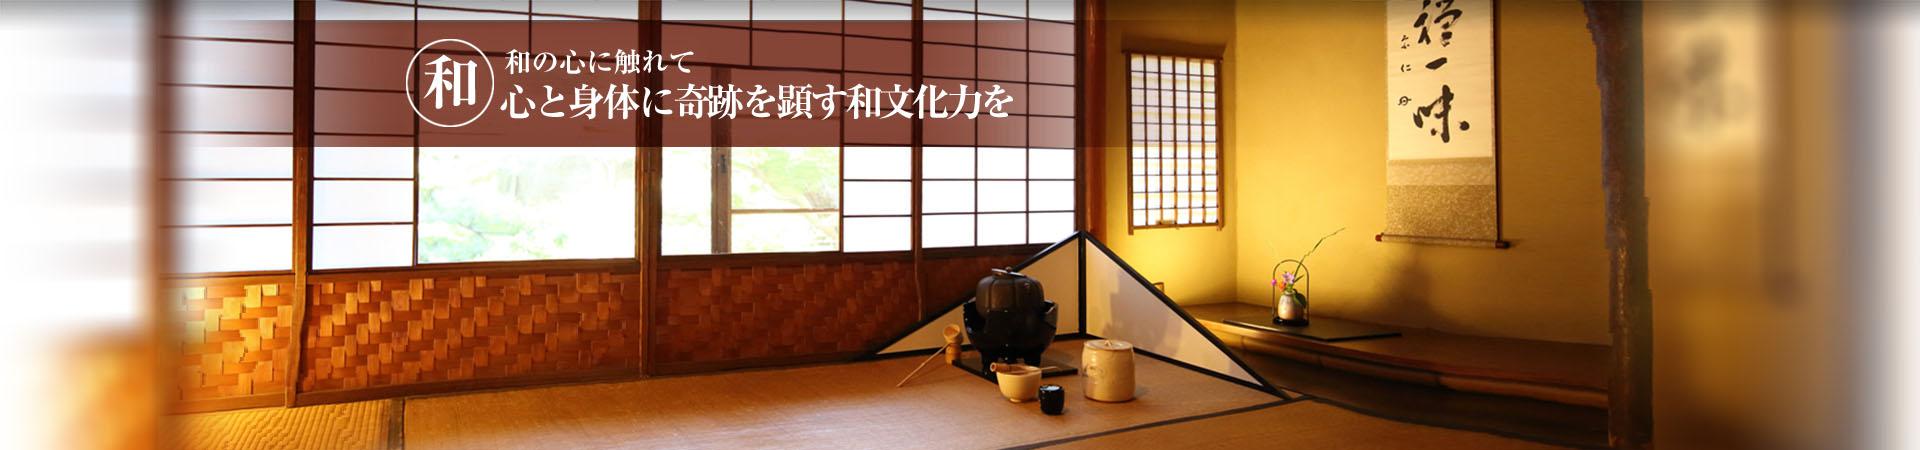 京和文化協会